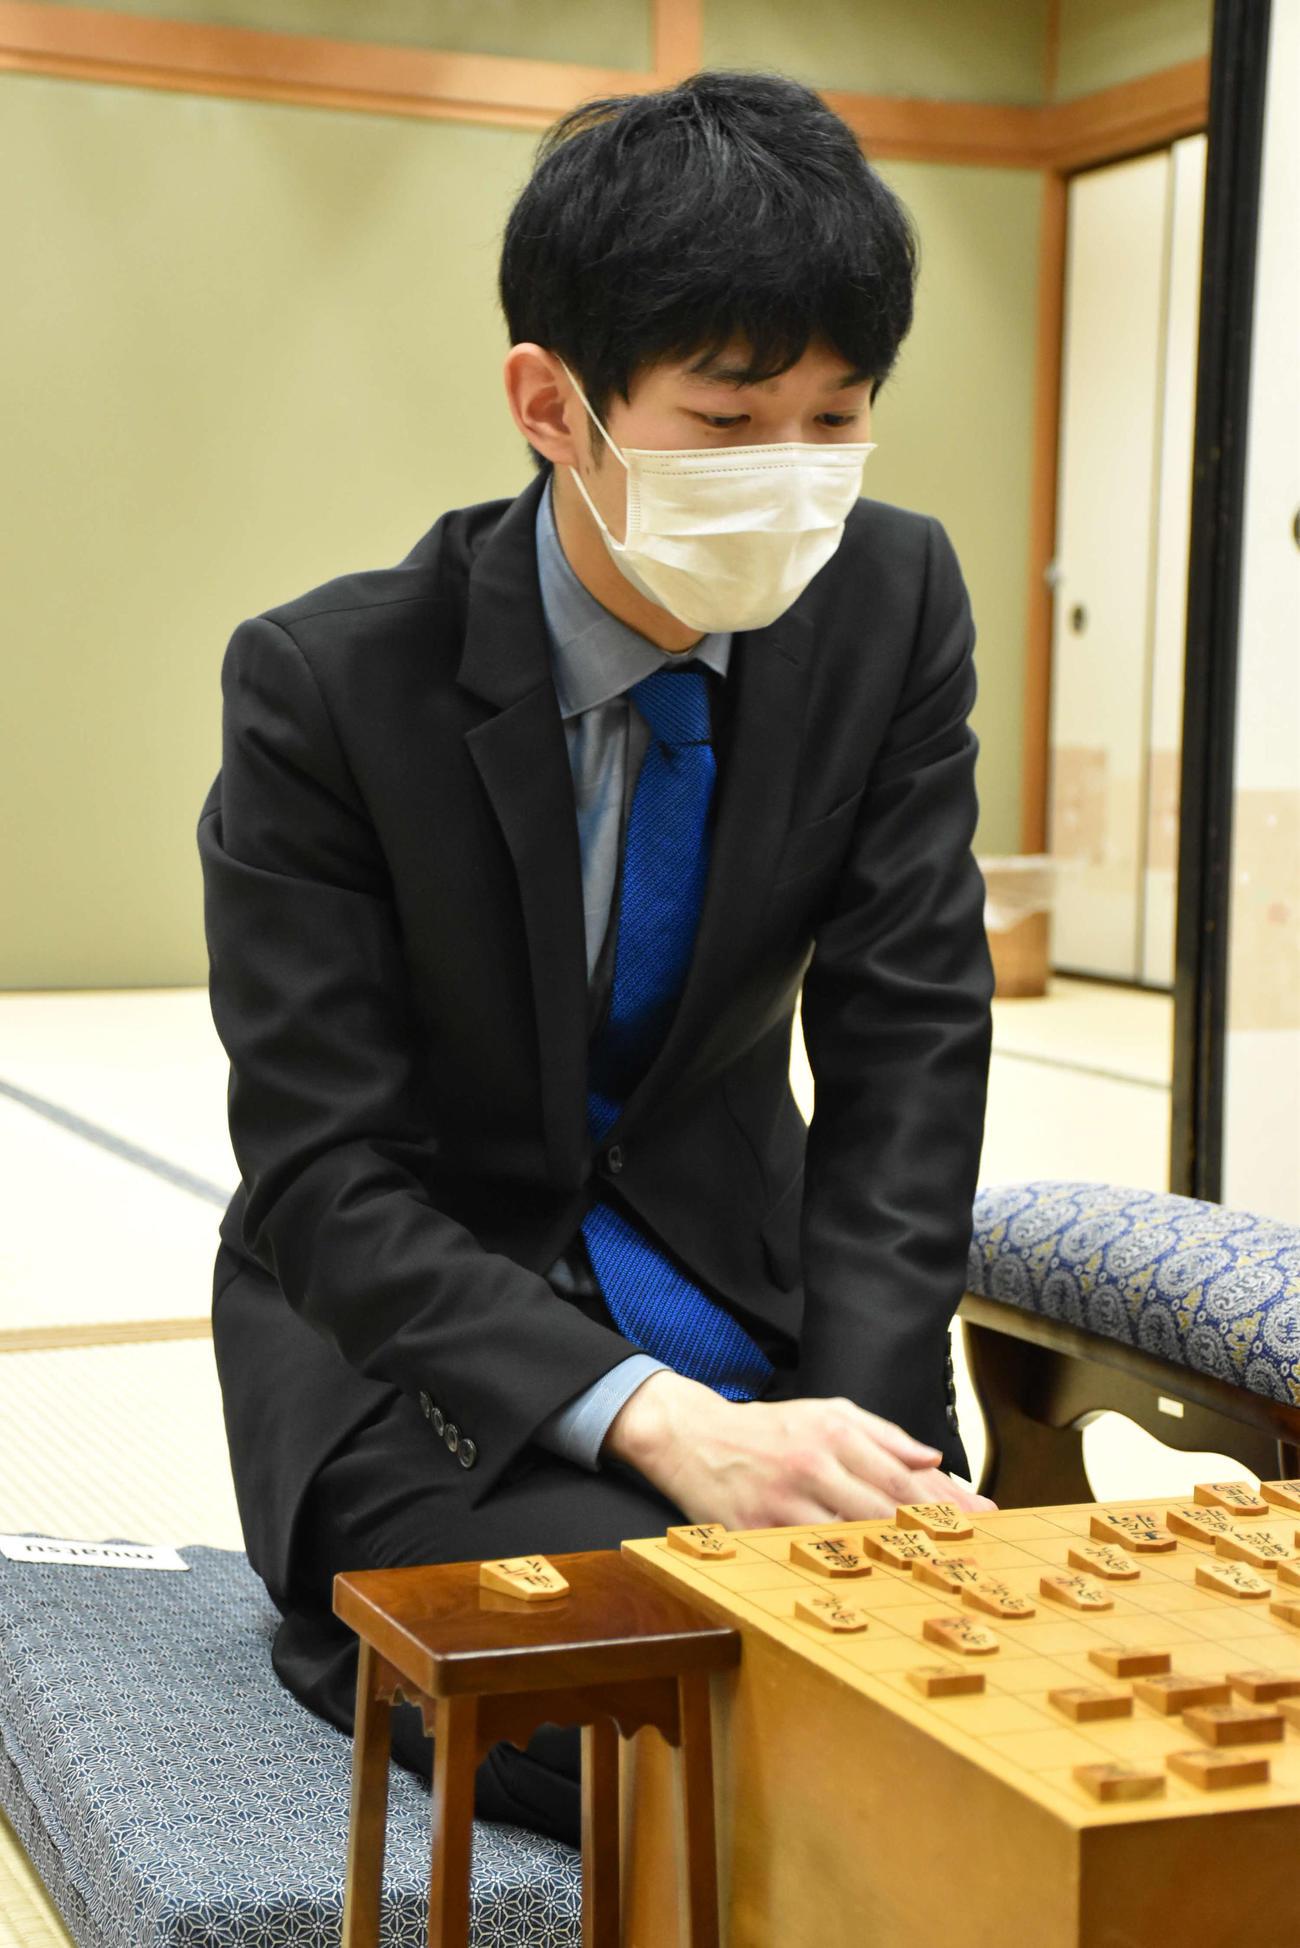 棋王戦挑戦者決定トーナメント3回戦で藤井聡太3冠を下してベスト8に進出した斎藤慎太郎八段(日本将棋連盟提供)